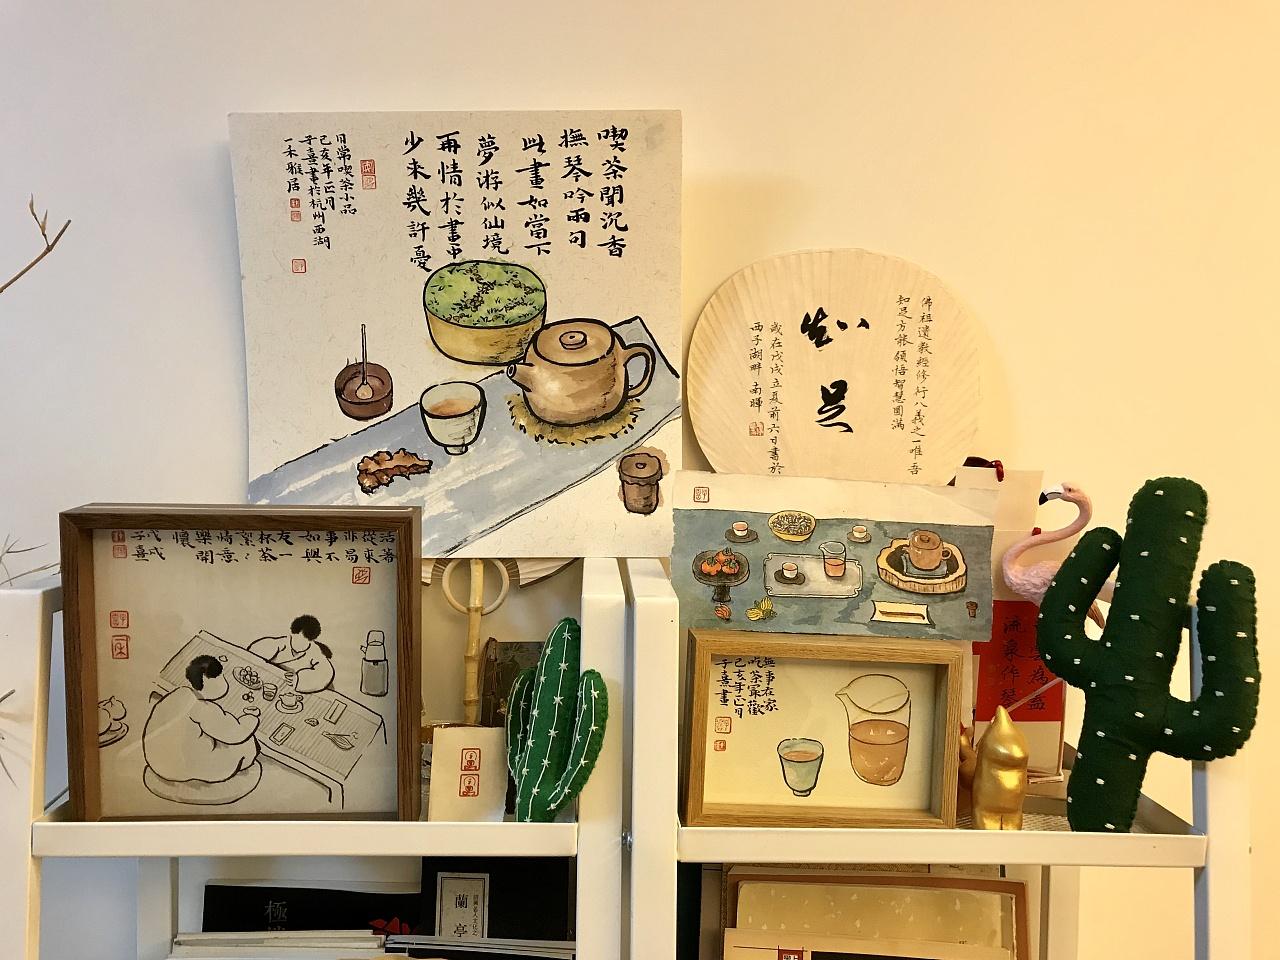 日常书画小品合集二|纯艺术|国画|milaky - 原创作品图片